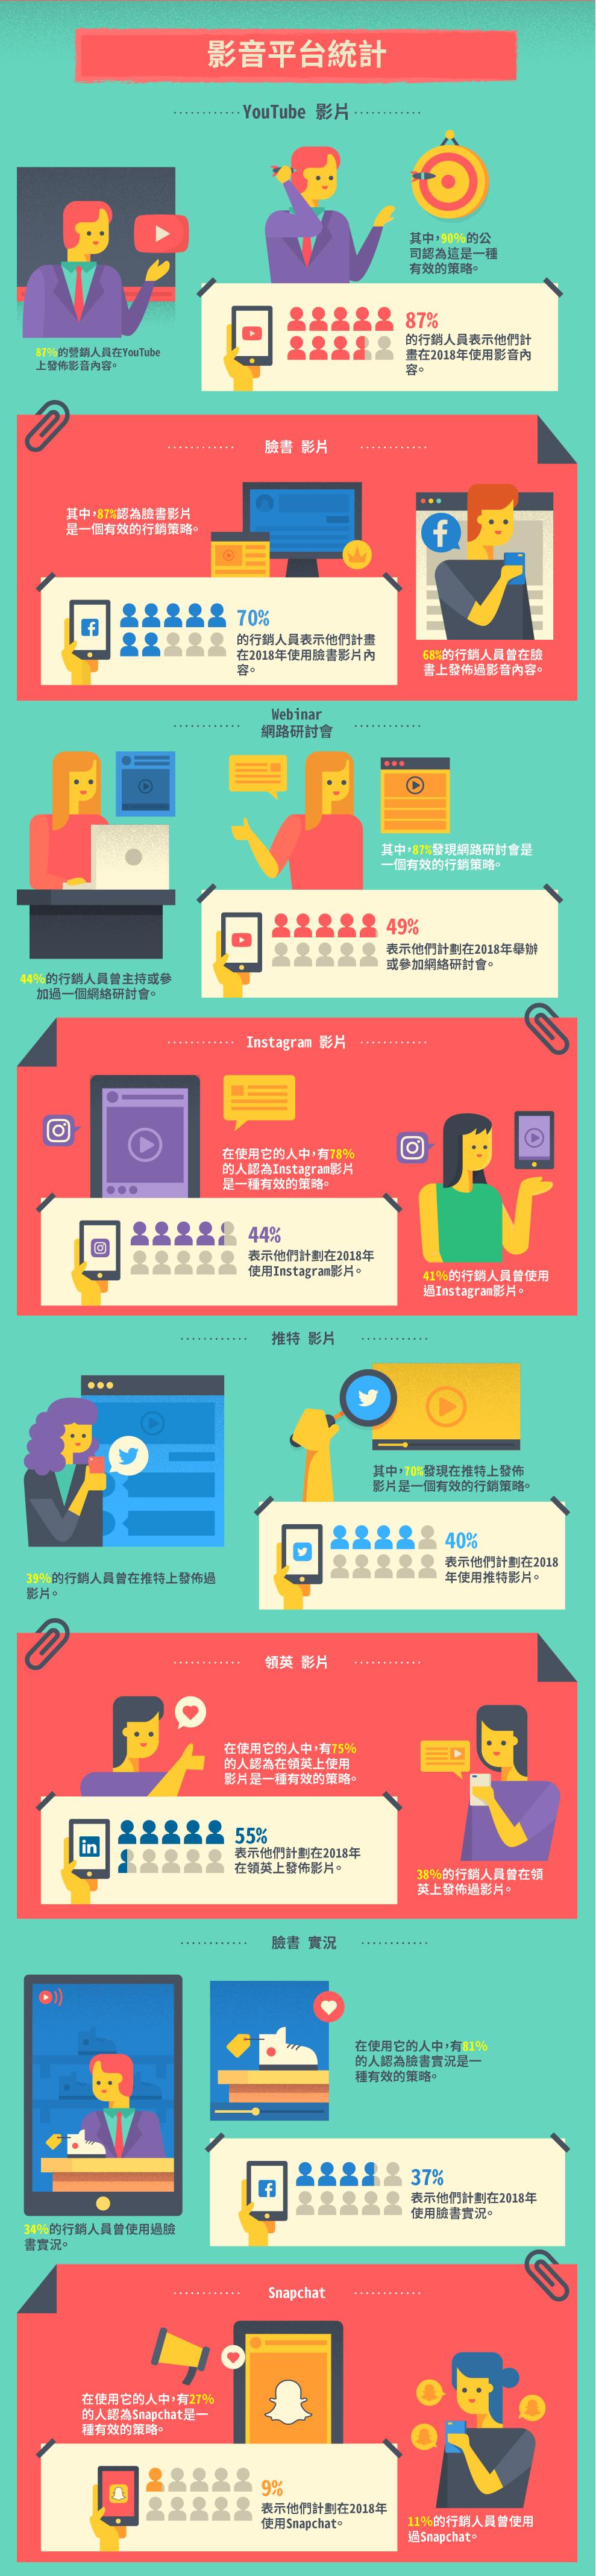 【資訊圖表】影音行銷,看品牌如何運用影音達成行銷效益